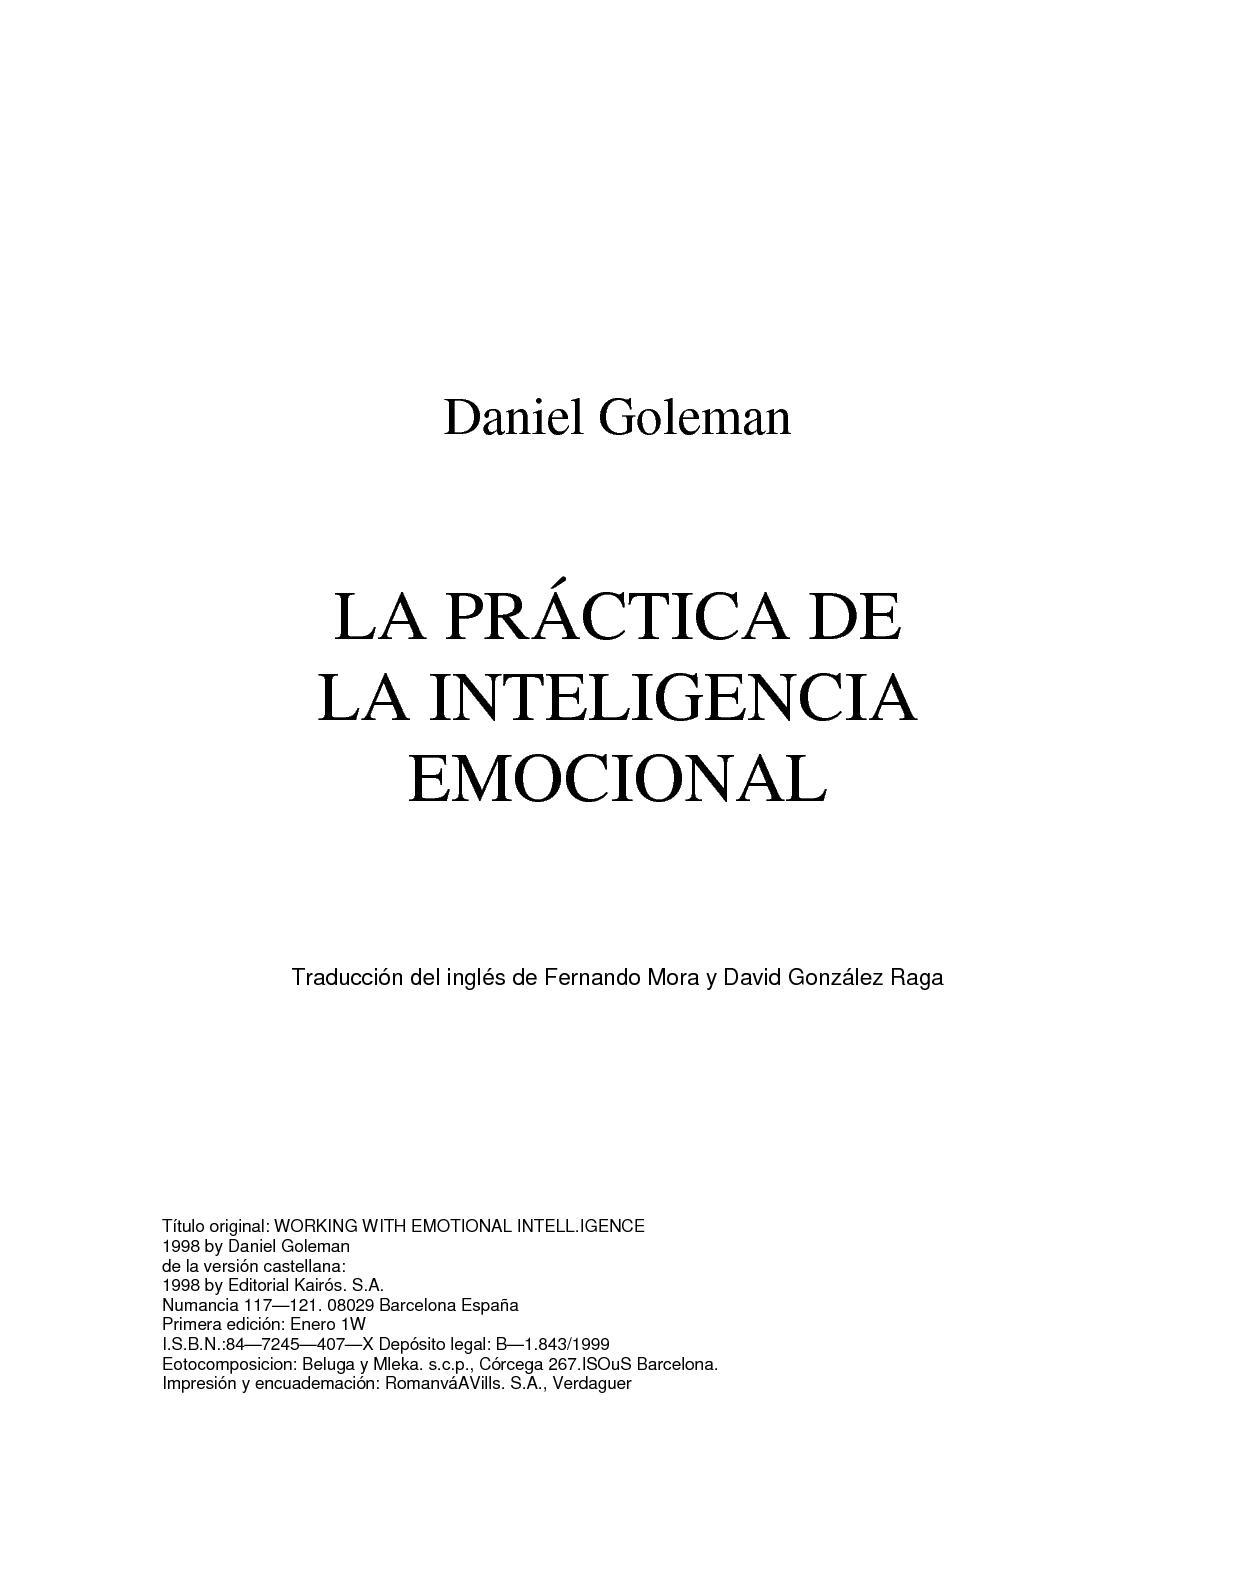 Calaméo Daniel Goleman La Practica De La Inteligencia